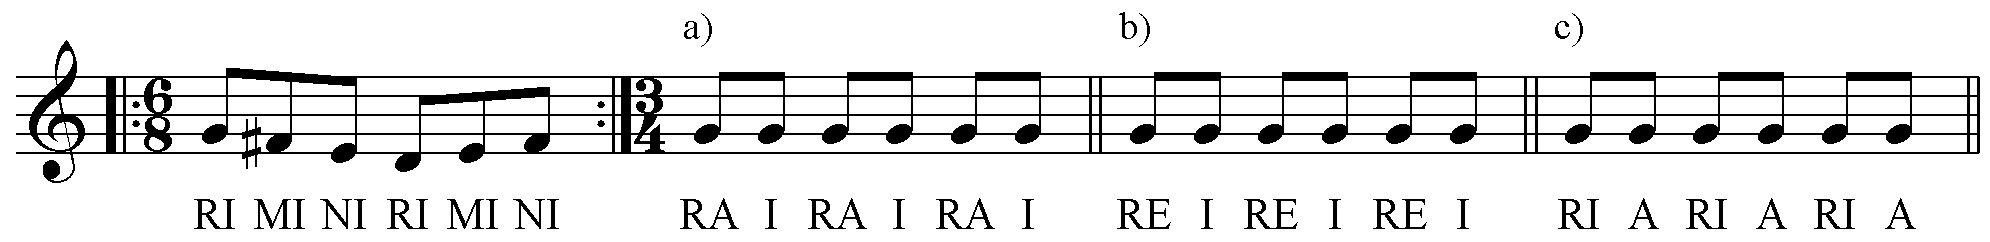 Vaja 4